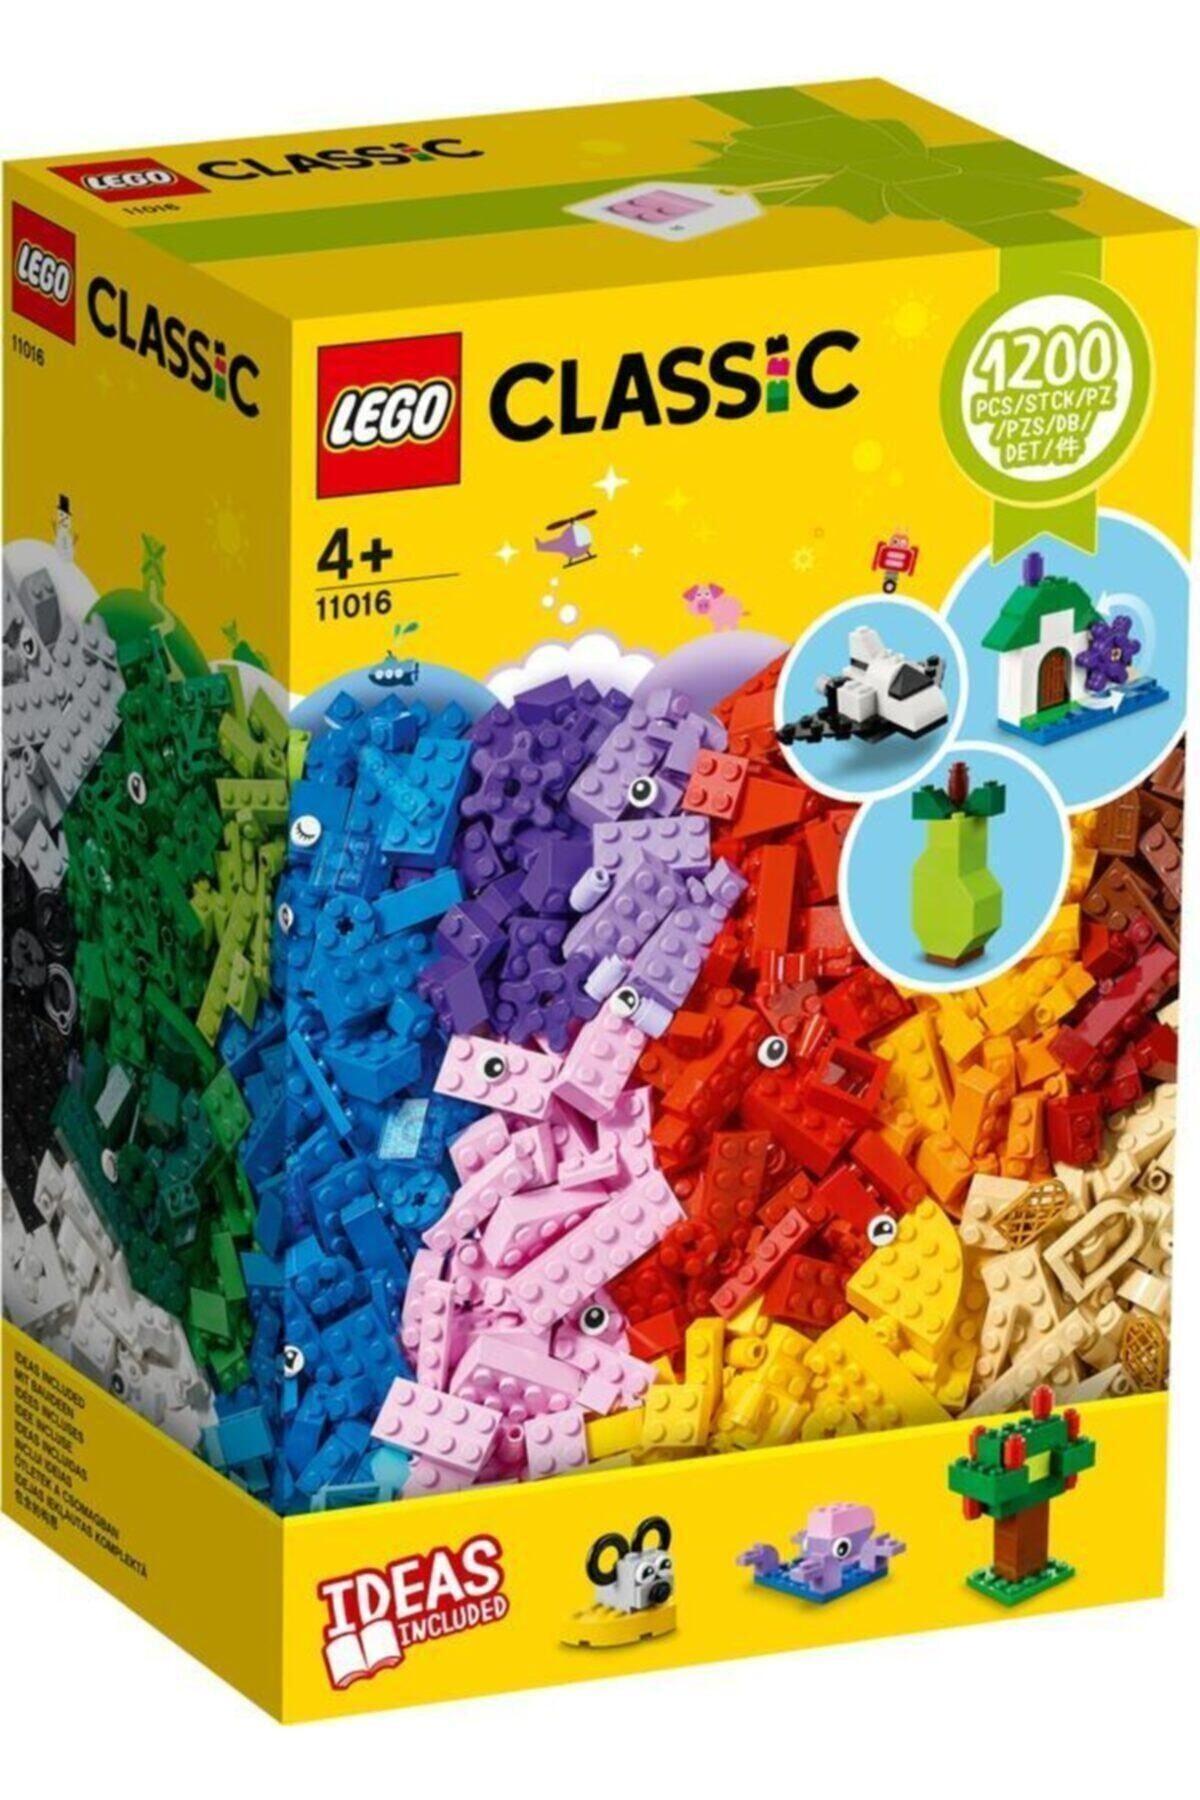 ® Classic Yaratıcı Yapım Parçaları Kutusu 11016 - Çocuklar Için Oyuncak Yapım Seti(1200 Parça)